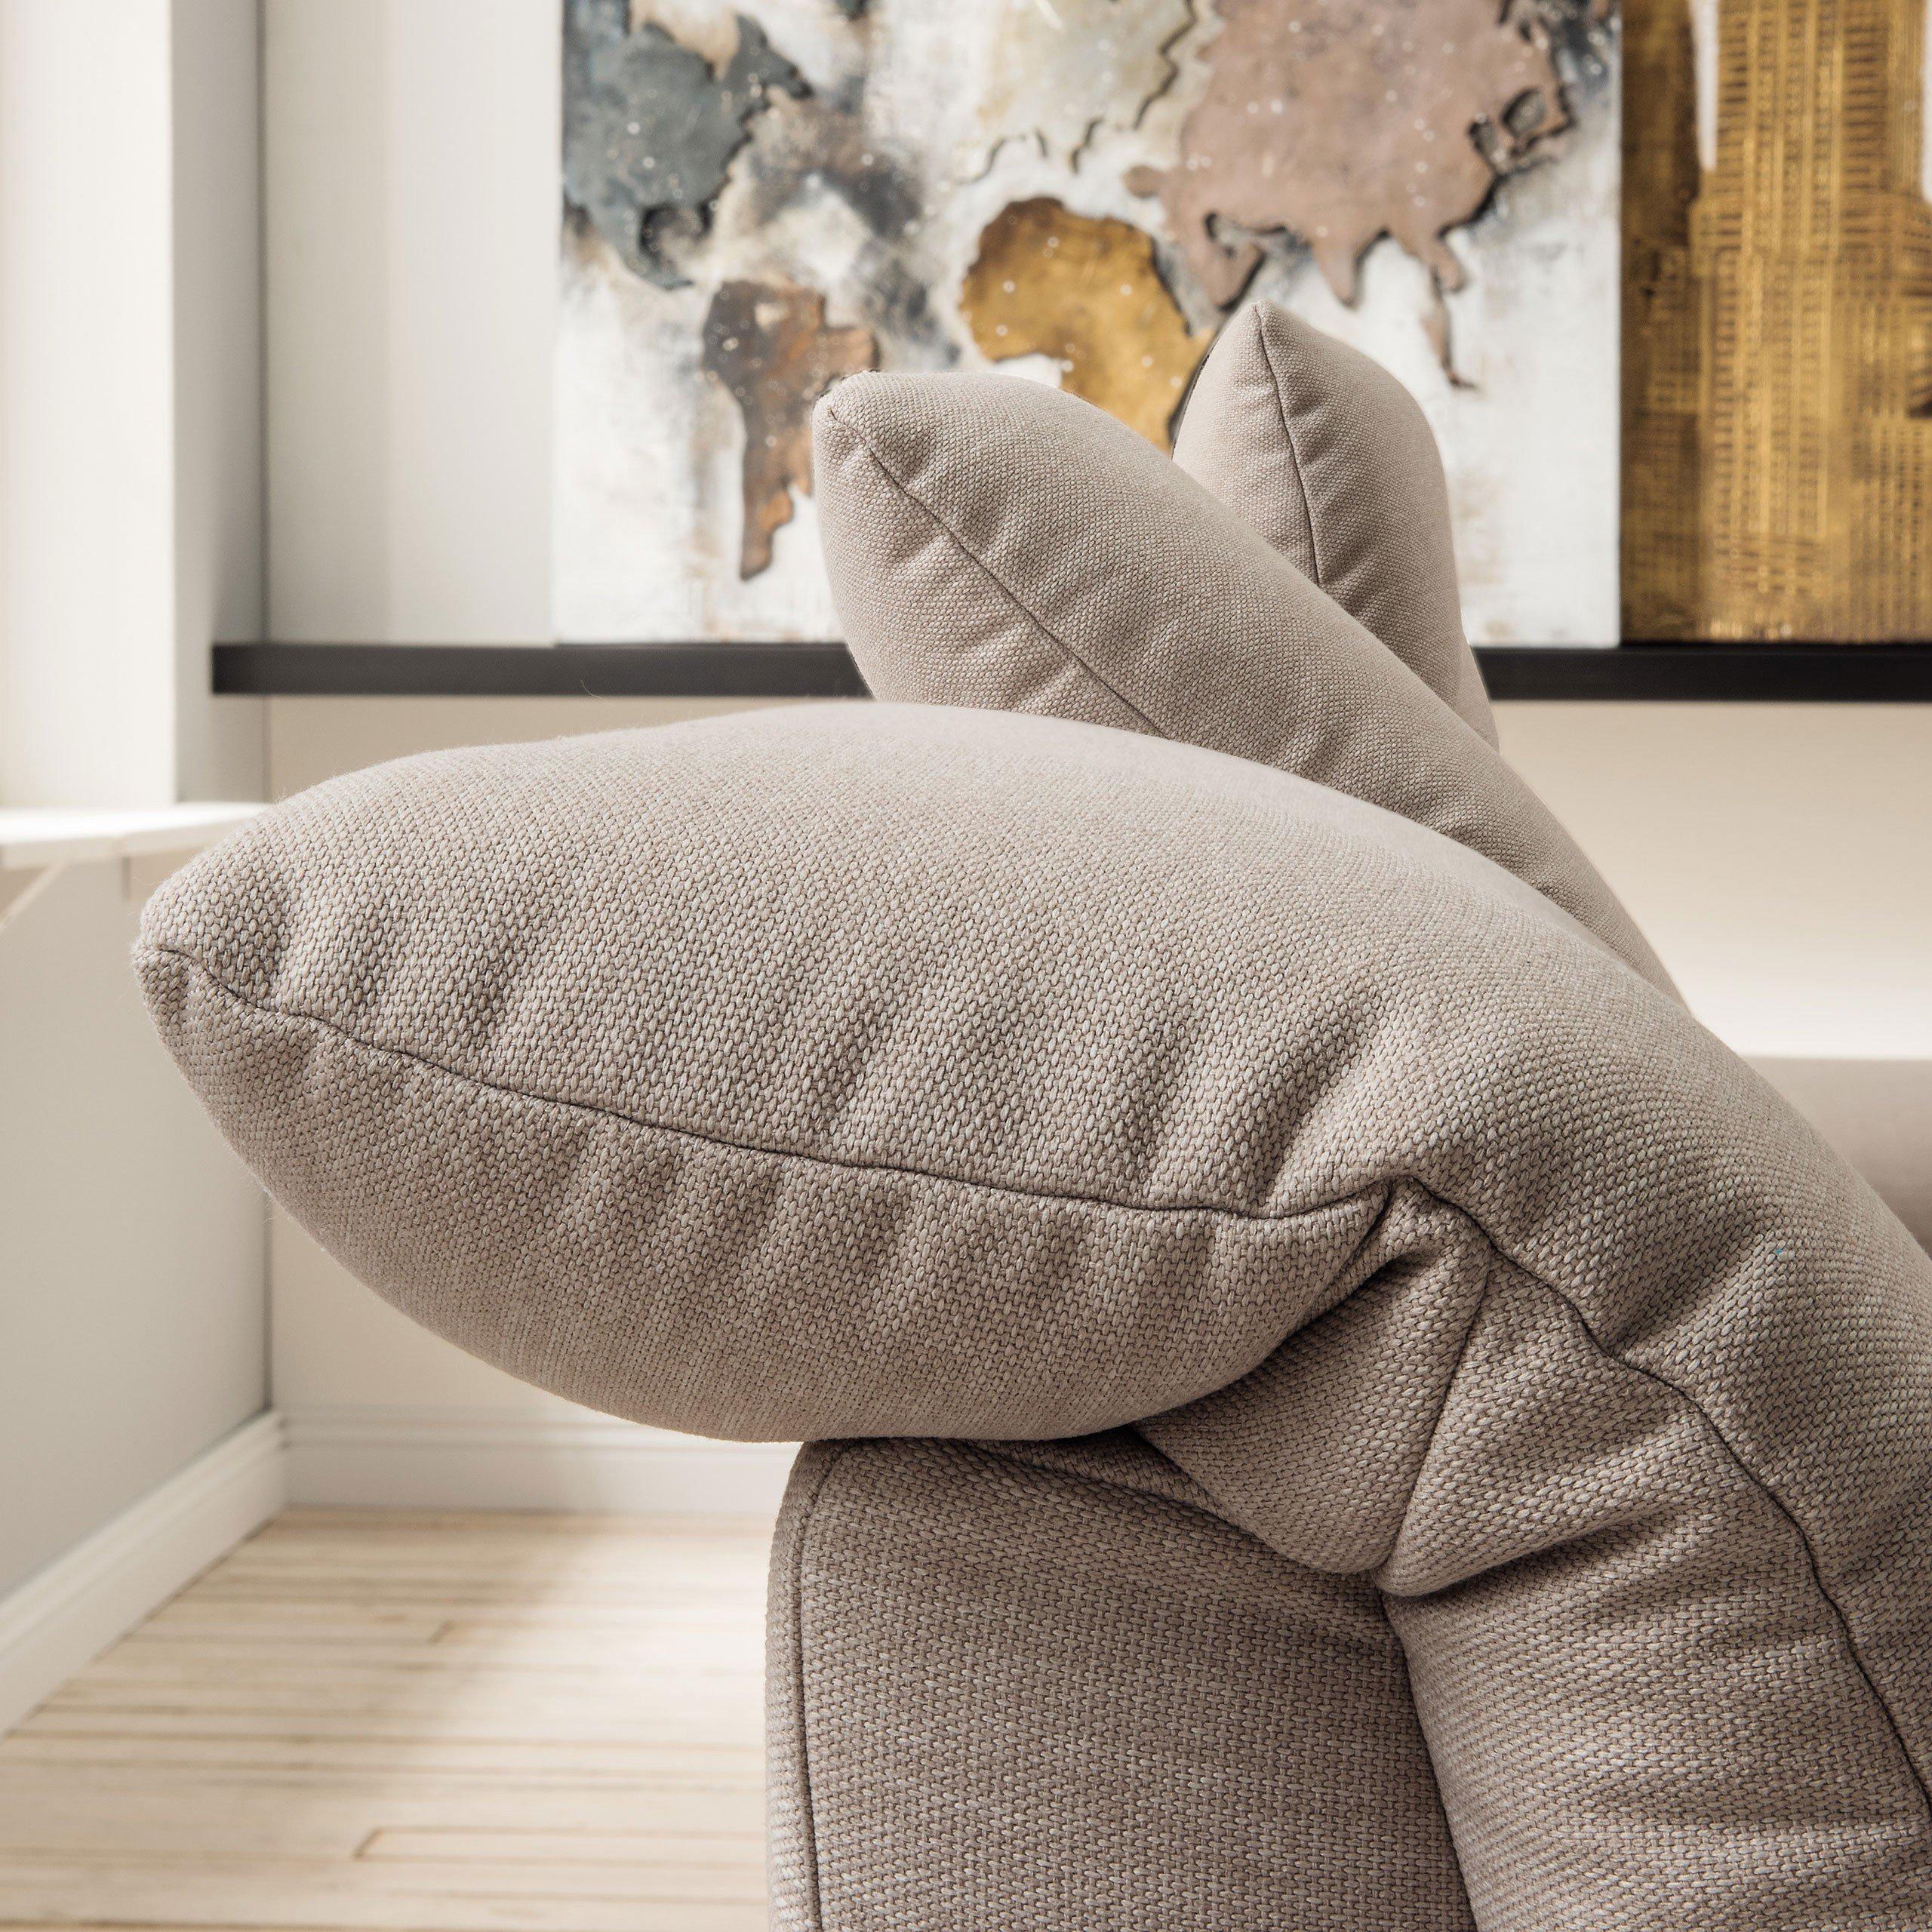 ecksofa natur inspirierendes design f r wohnm bel. Black Bedroom Furniture Sets. Home Design Ideas